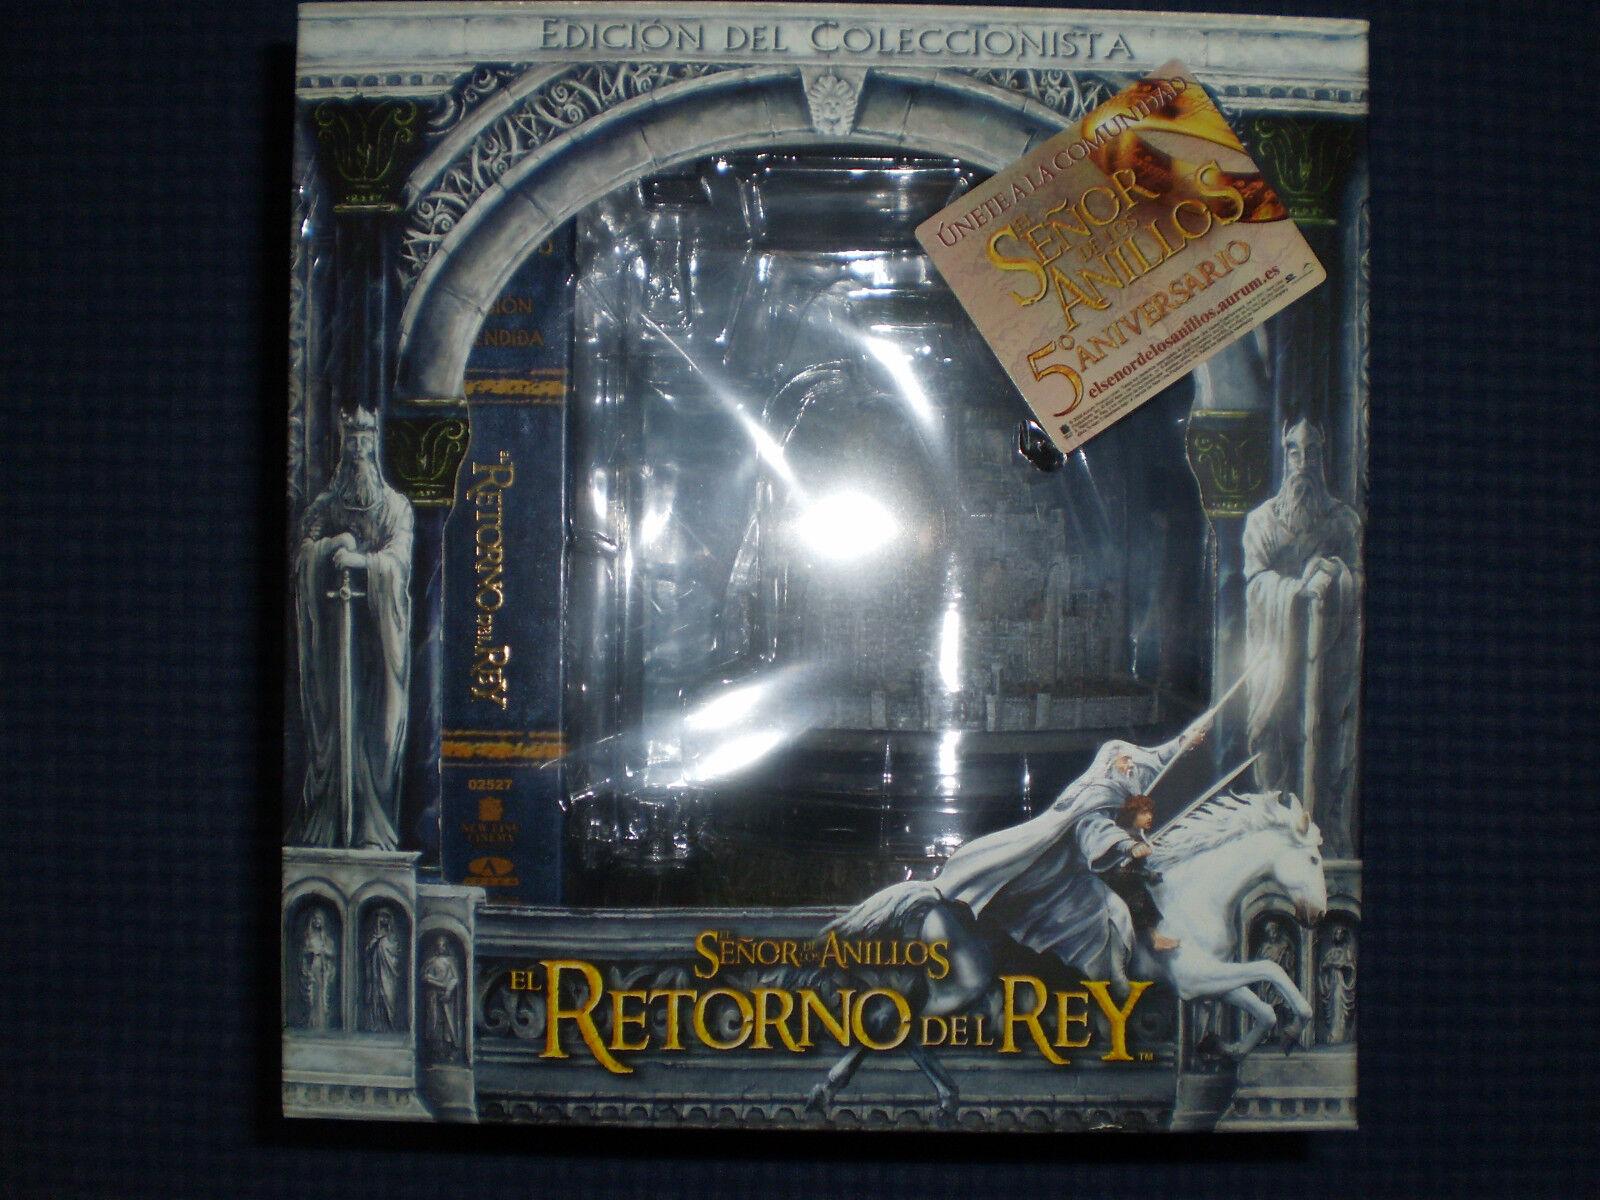 EL SEÑOR DE LOS ANILLOS EL RETORNO DEL REY DVD EDICION COLECCIONISTA...